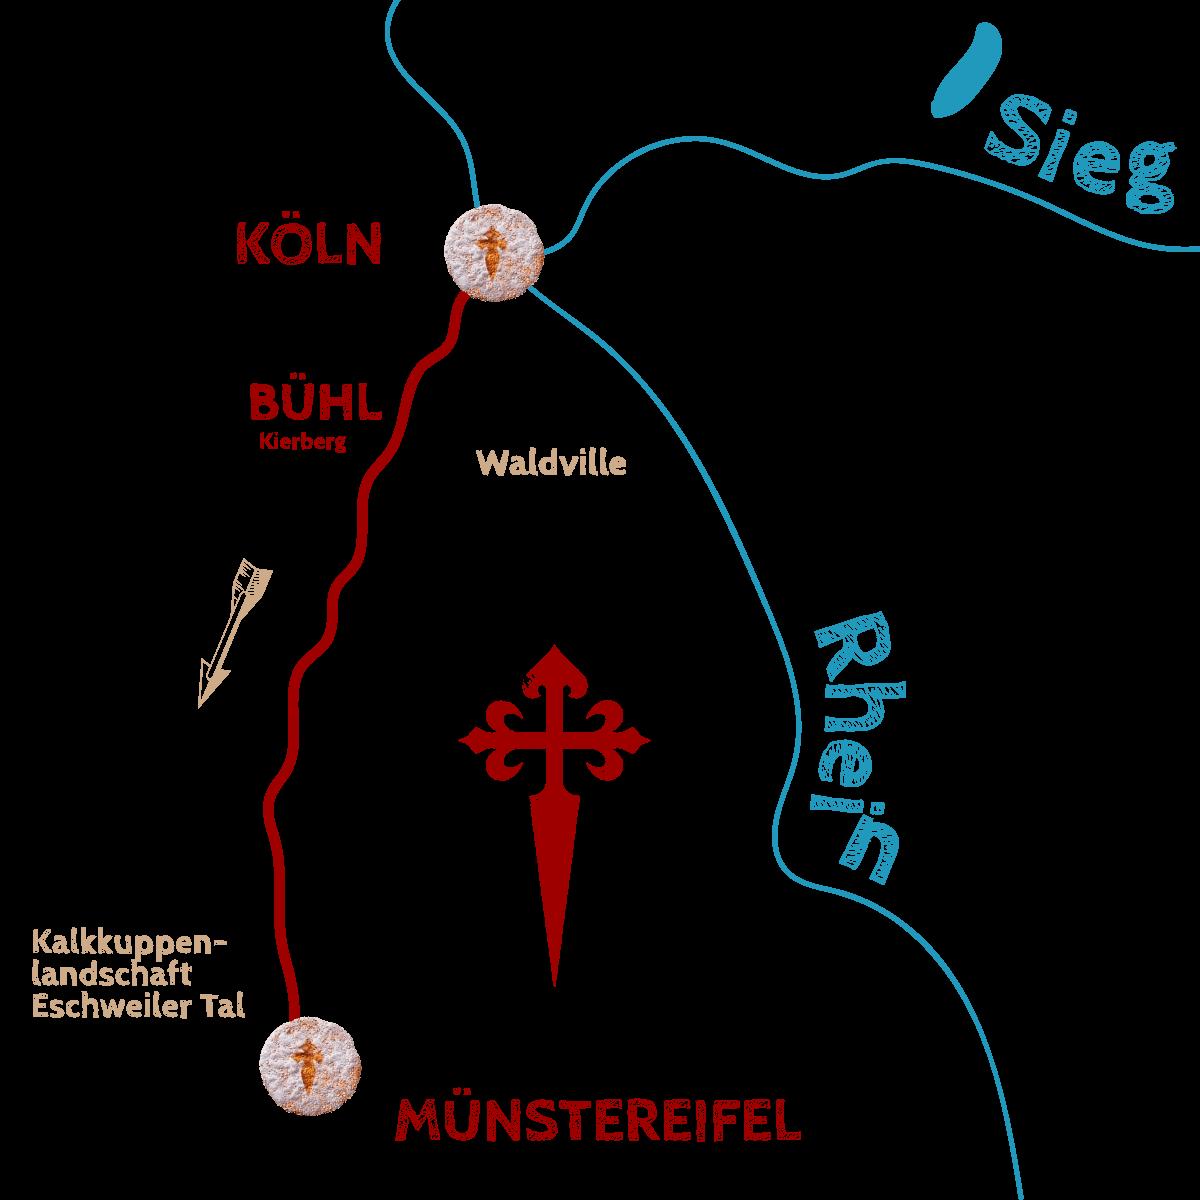 Wegegrafik-Kleiner-Jugendhilfezentrum-der-Cusanus-2019-Juli-Köln